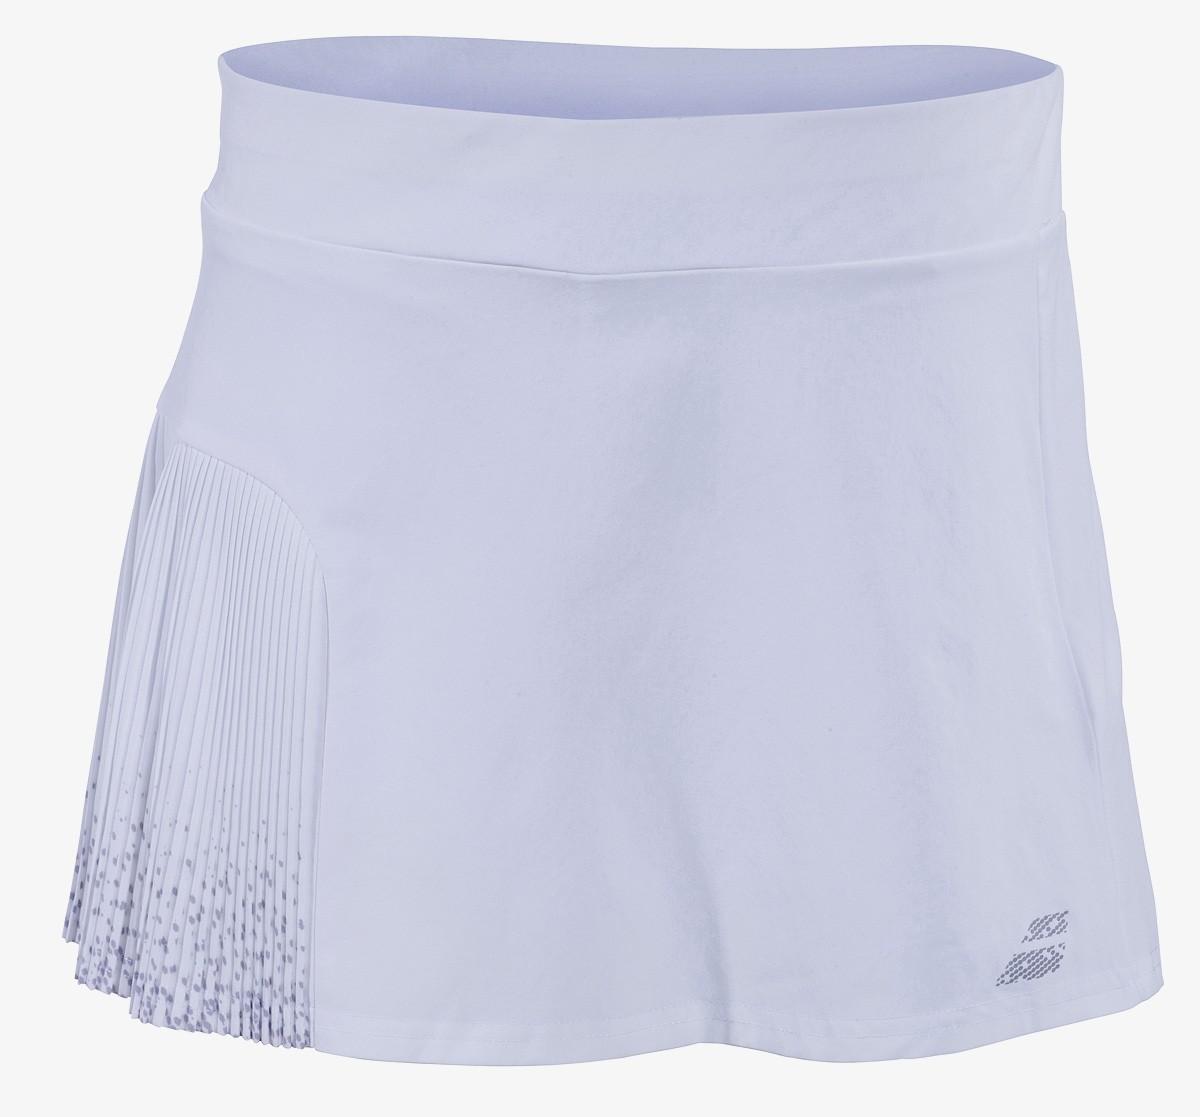 Spódniczka tenisowa Babolat PERF Skirt White -50%